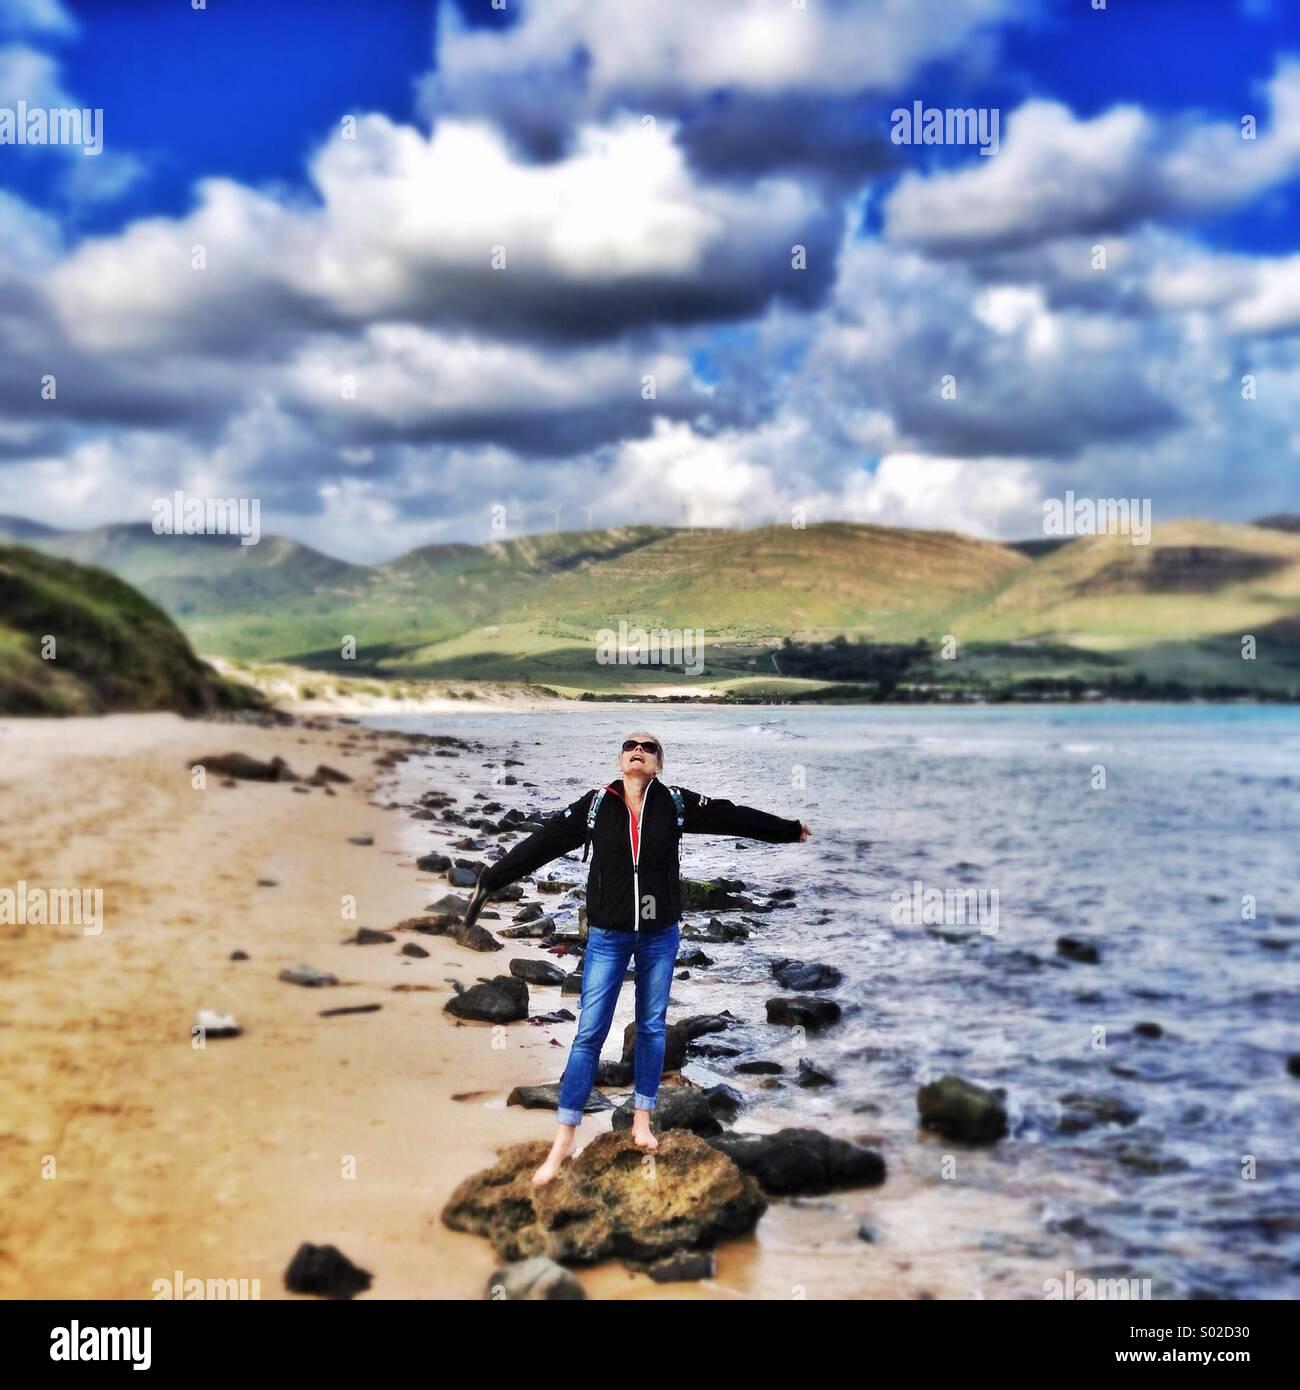 All'esterno la ragazza in piedi sulla roccia alla spiaggia Immagini Stock